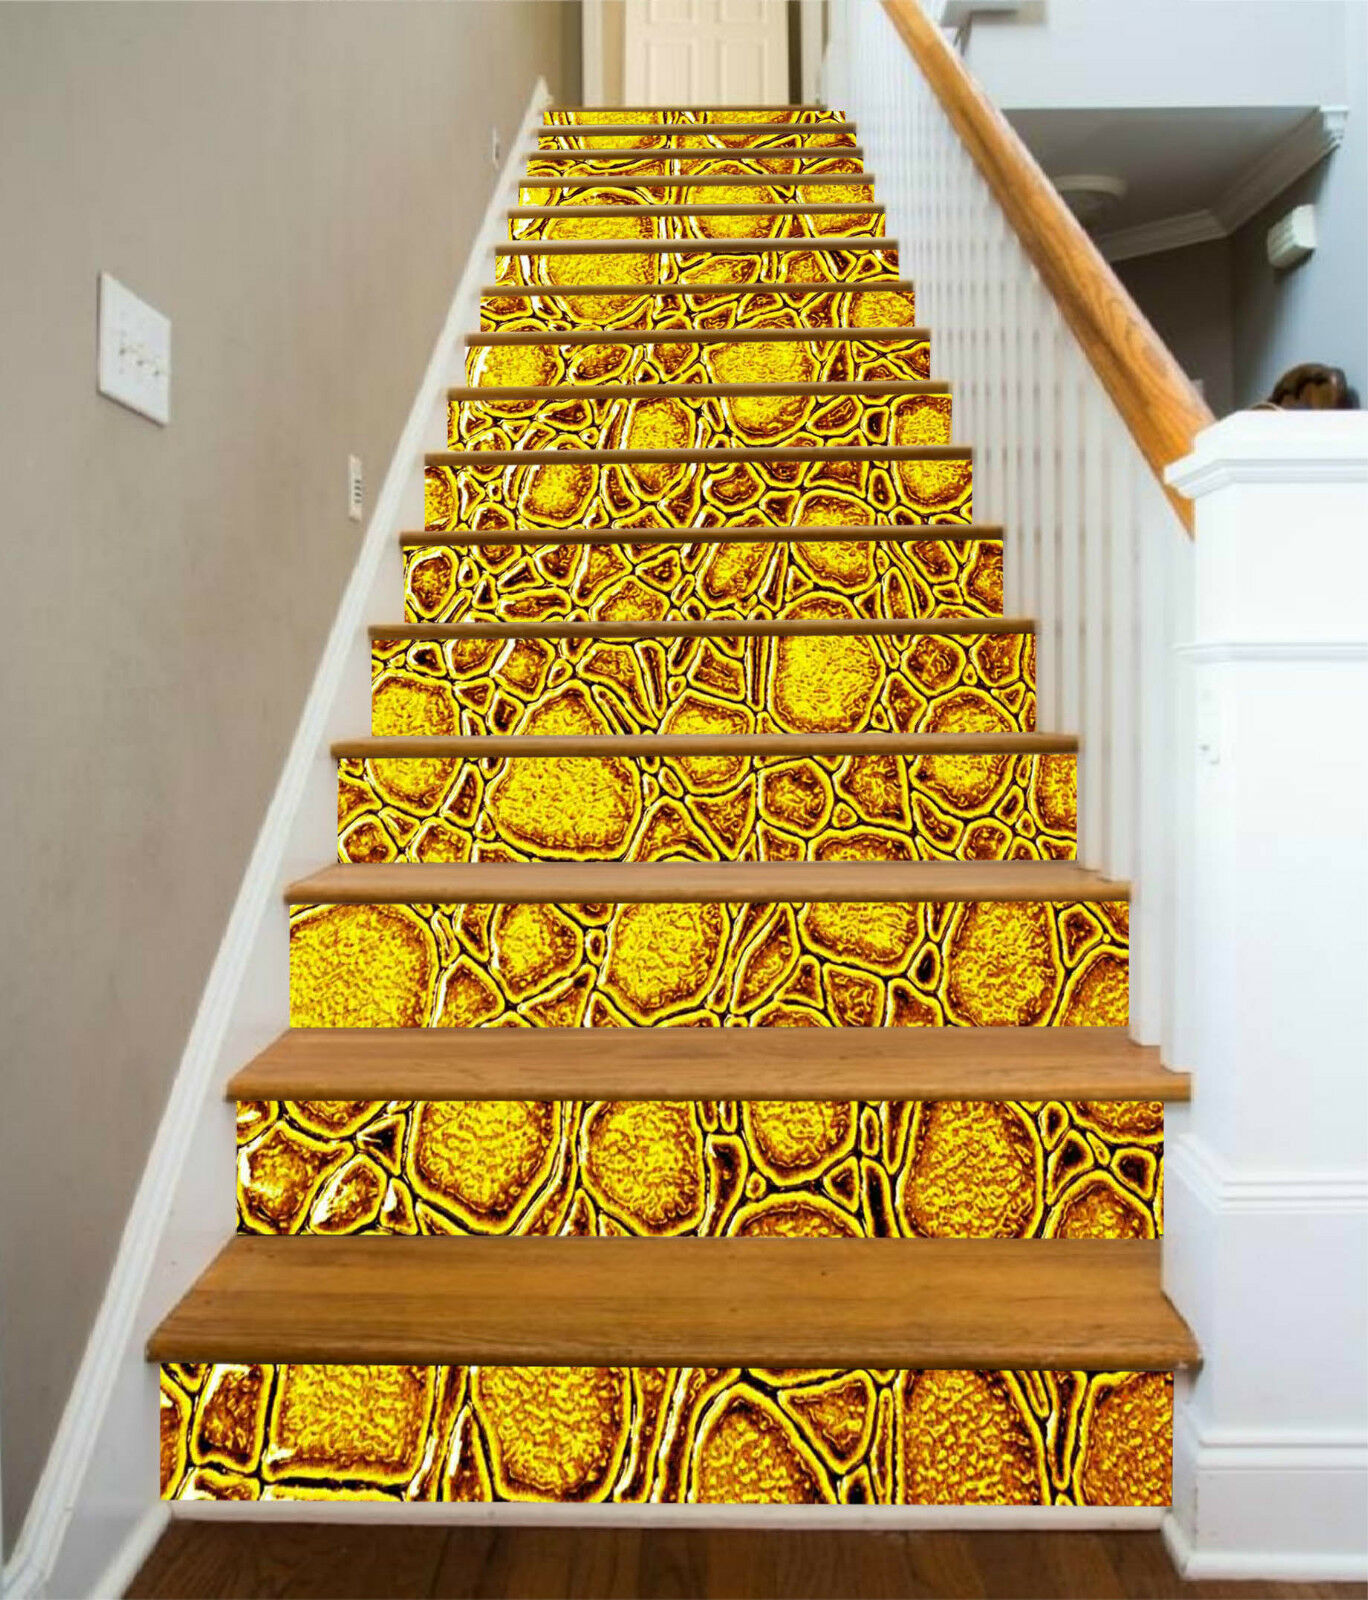 3D Golden Malerei 3 Stair Risers Dekoration Fototapete Vinyl Aufkleber Tapete DE